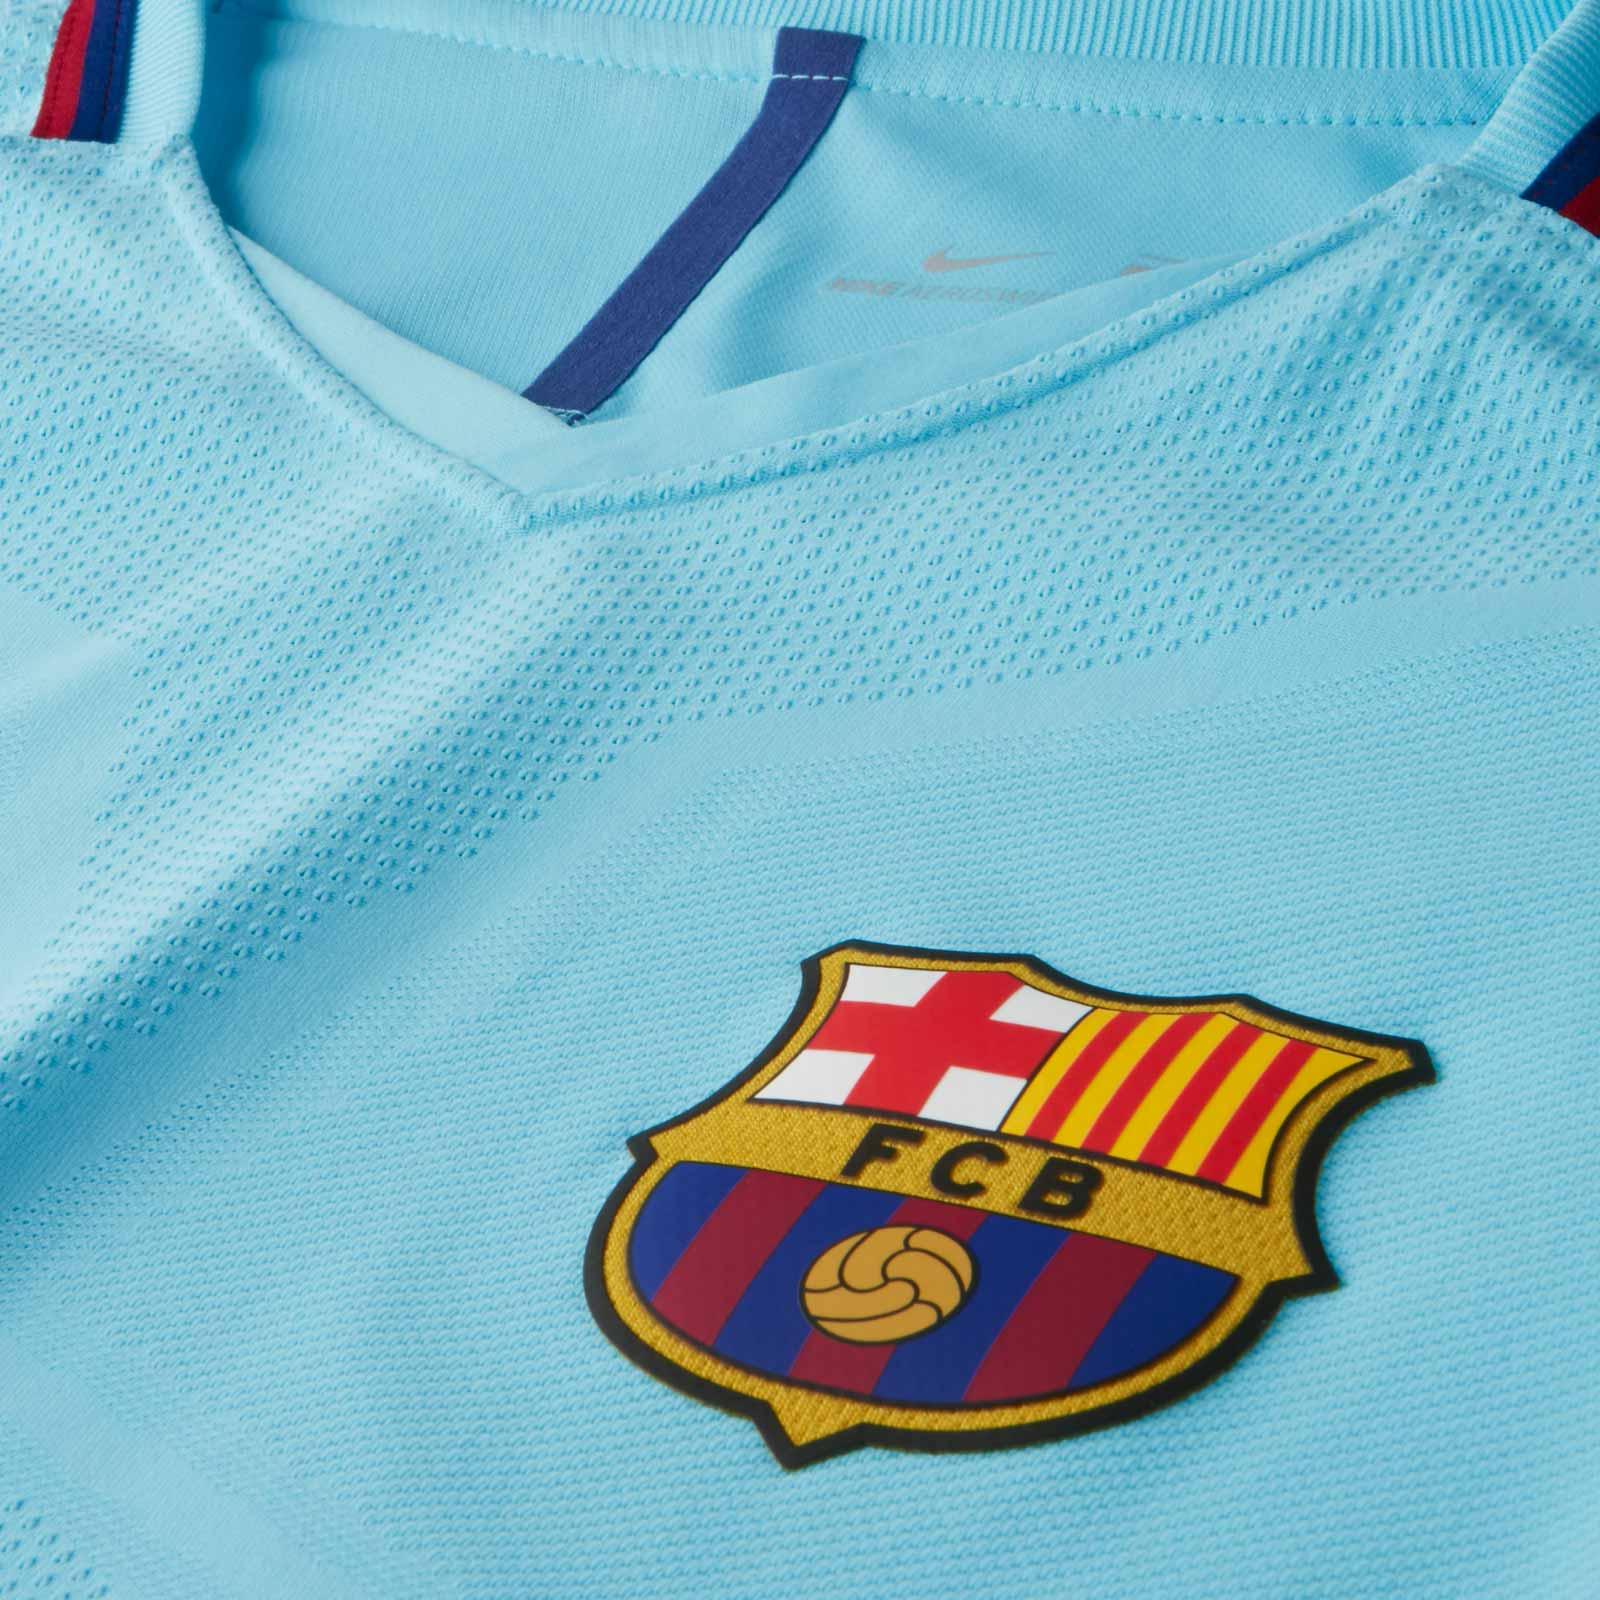 Nike divulga a nova camisa reserva do Barcelona. Após apresentar o novo  uniforme ... 61d51fa44612a